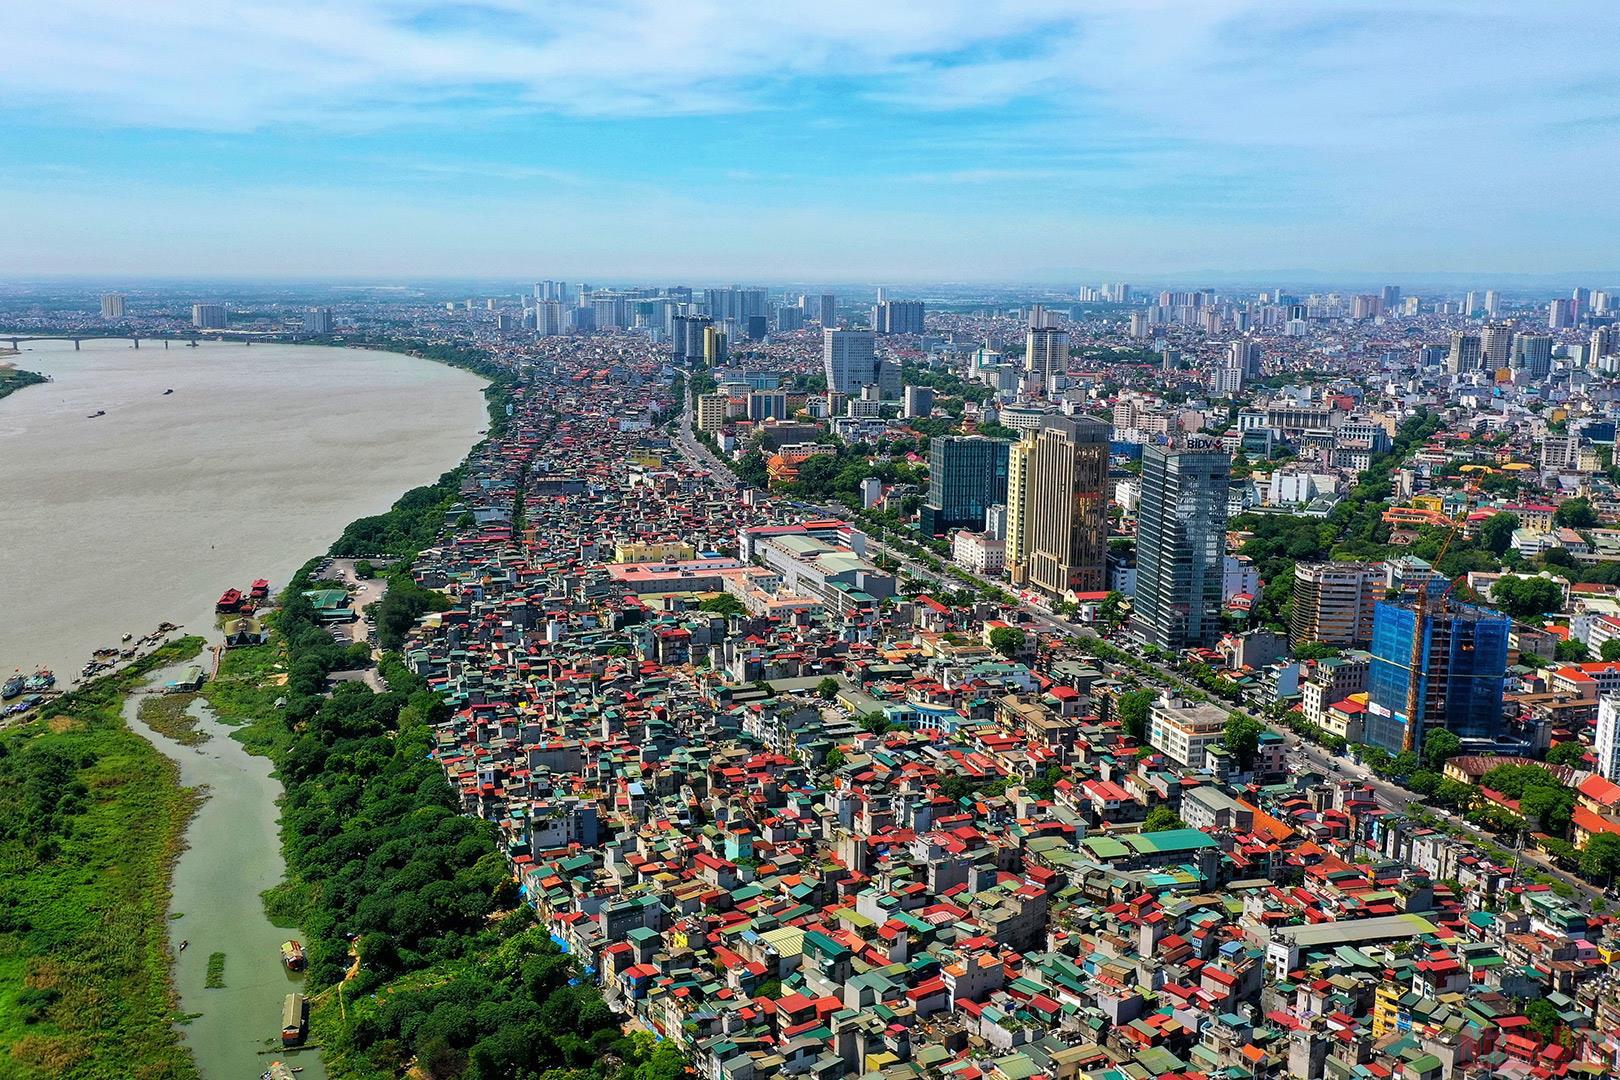 Hà Nội cần hơn 330.000 tỷ cho 443 dự án hạ tầng giao thông giai đoạn 5 năm tới